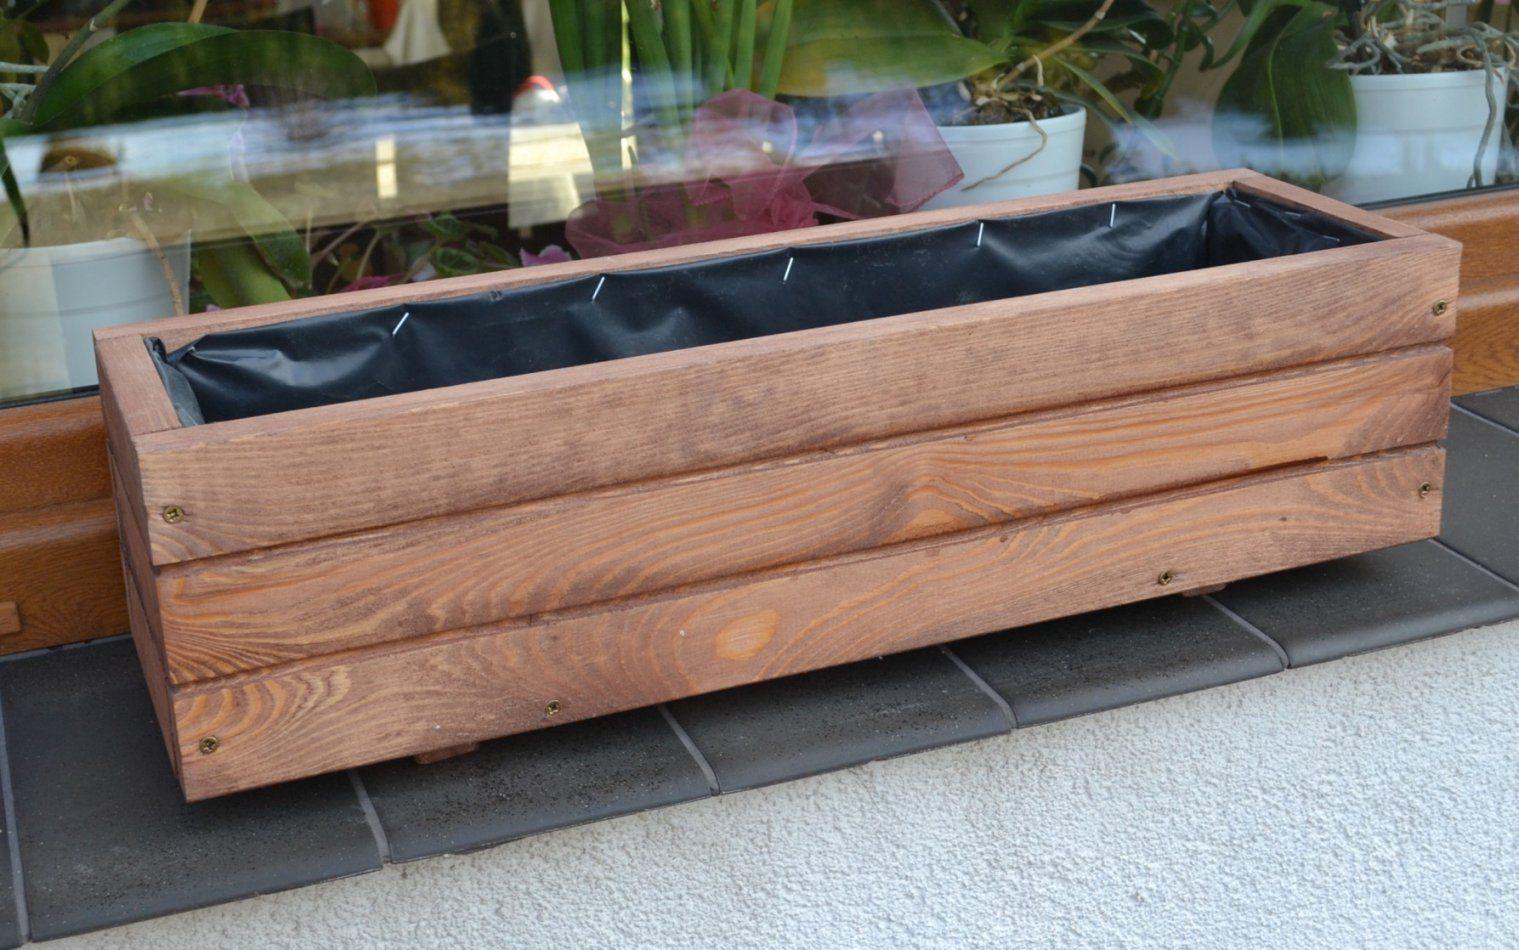 blumenkasten aus holz selber bauen haus design ideen. Black Bedroom Furniture Sets. Home Design Ideas